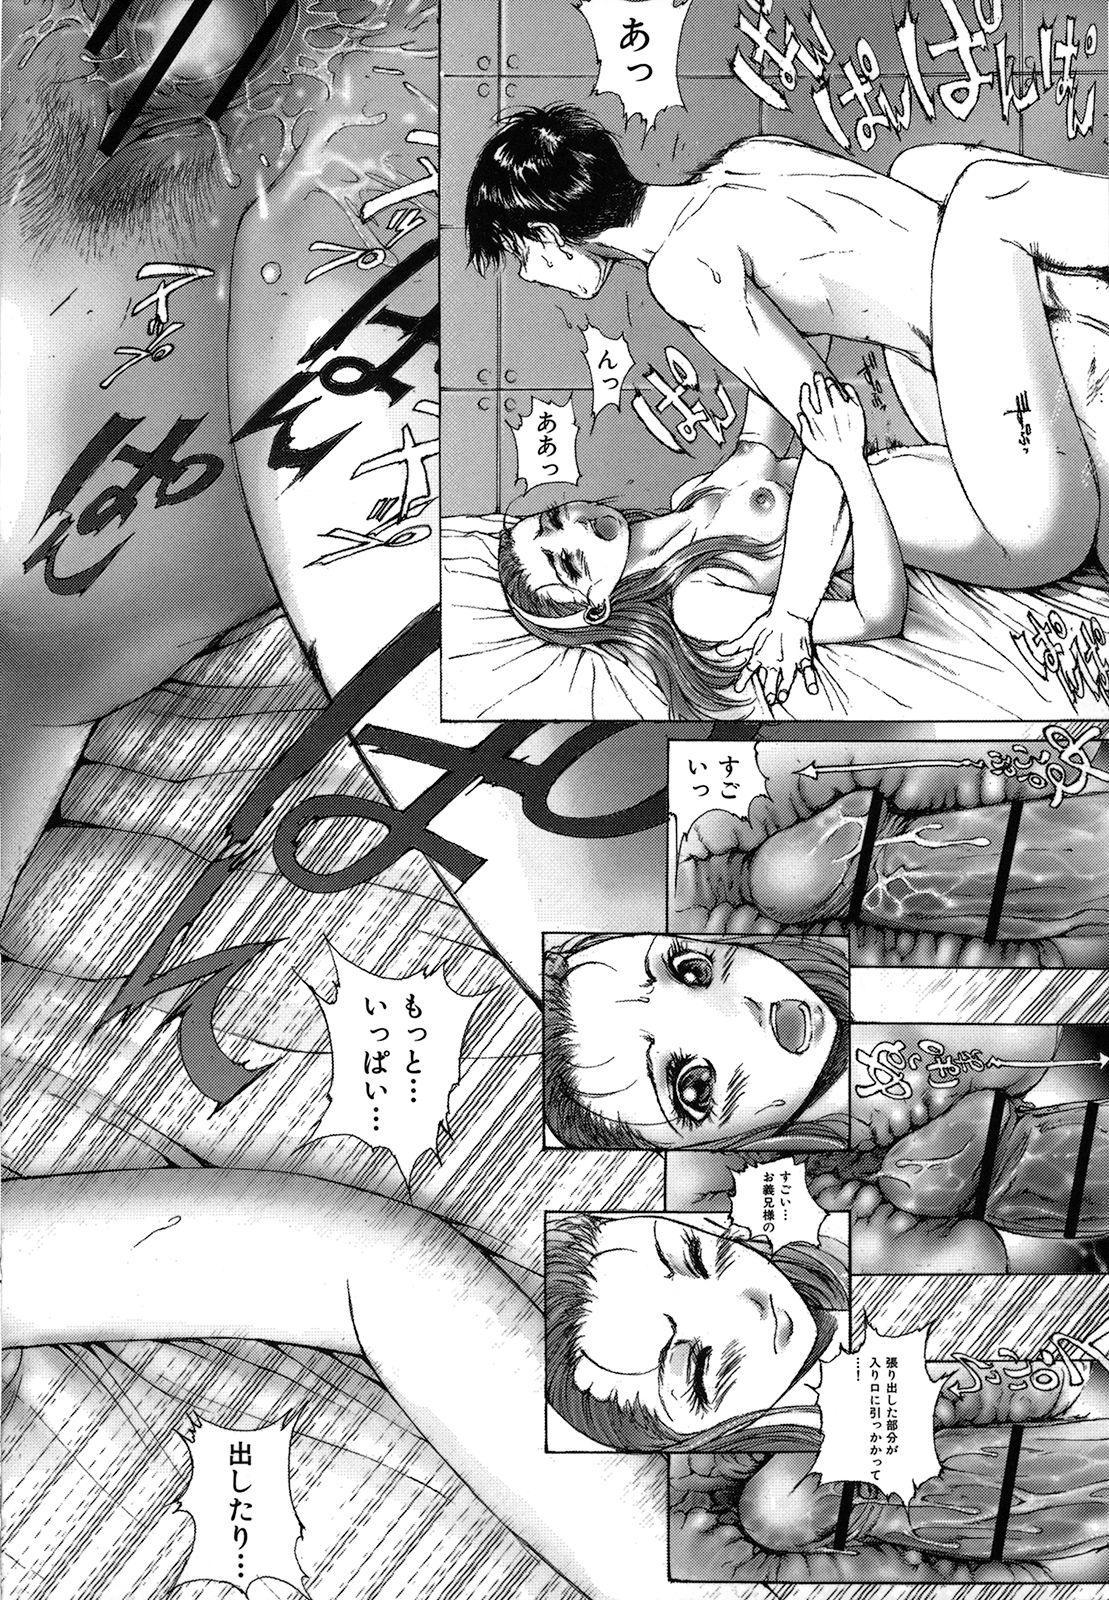 Kou Musume 195